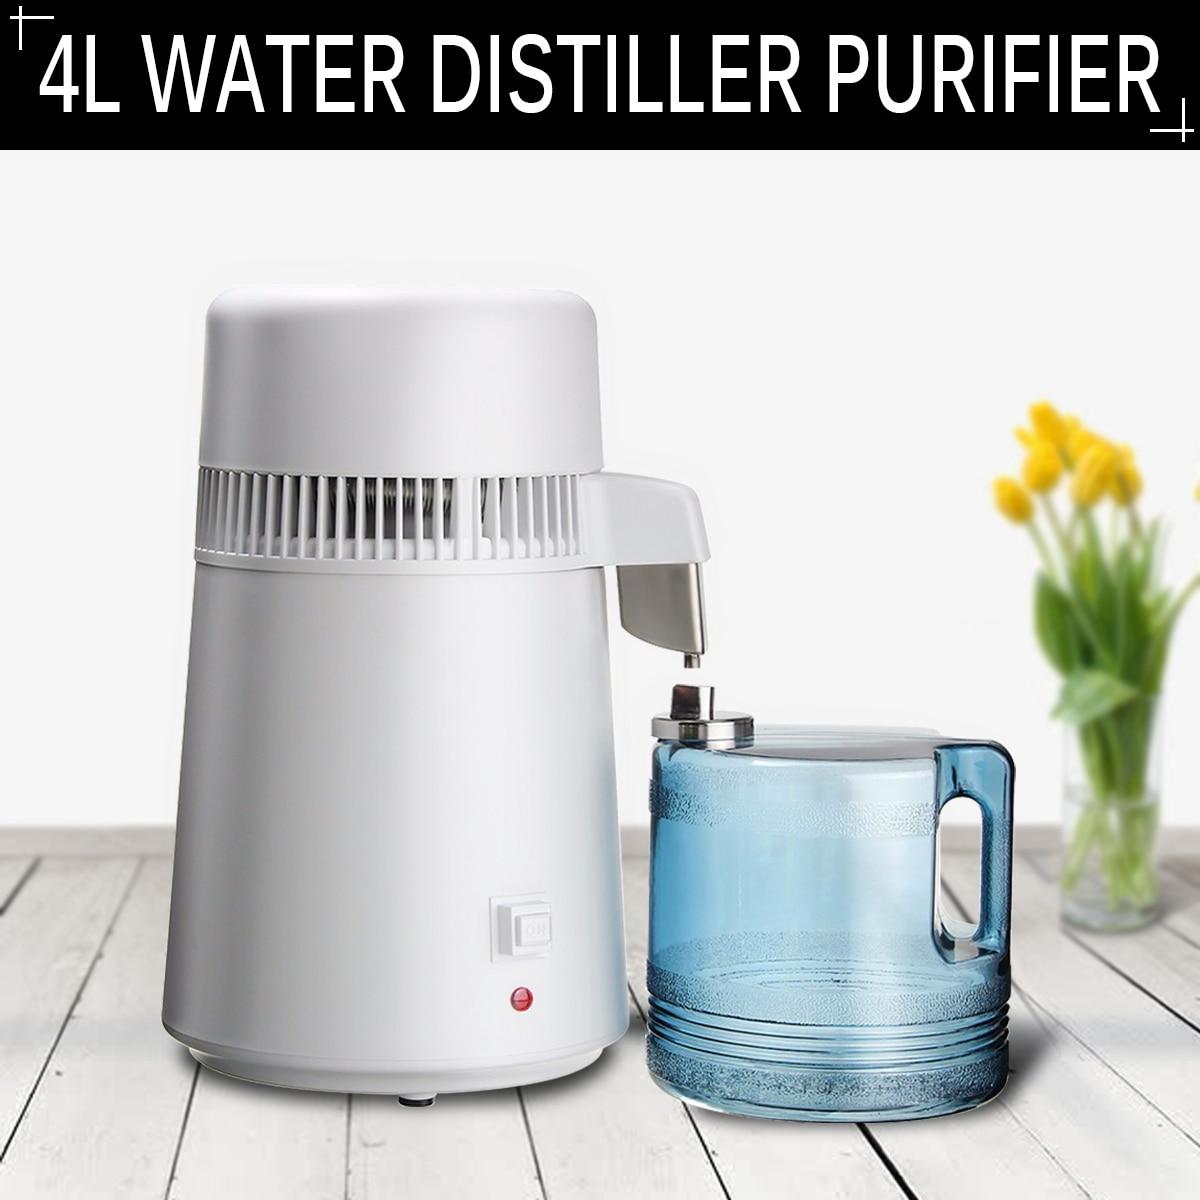 4L домашний дистиллятор чистой воды фильтр дистиллированная вода машина Дистилляция воды очиститель оборудование из нержавеющей стали пластиковый кувшин